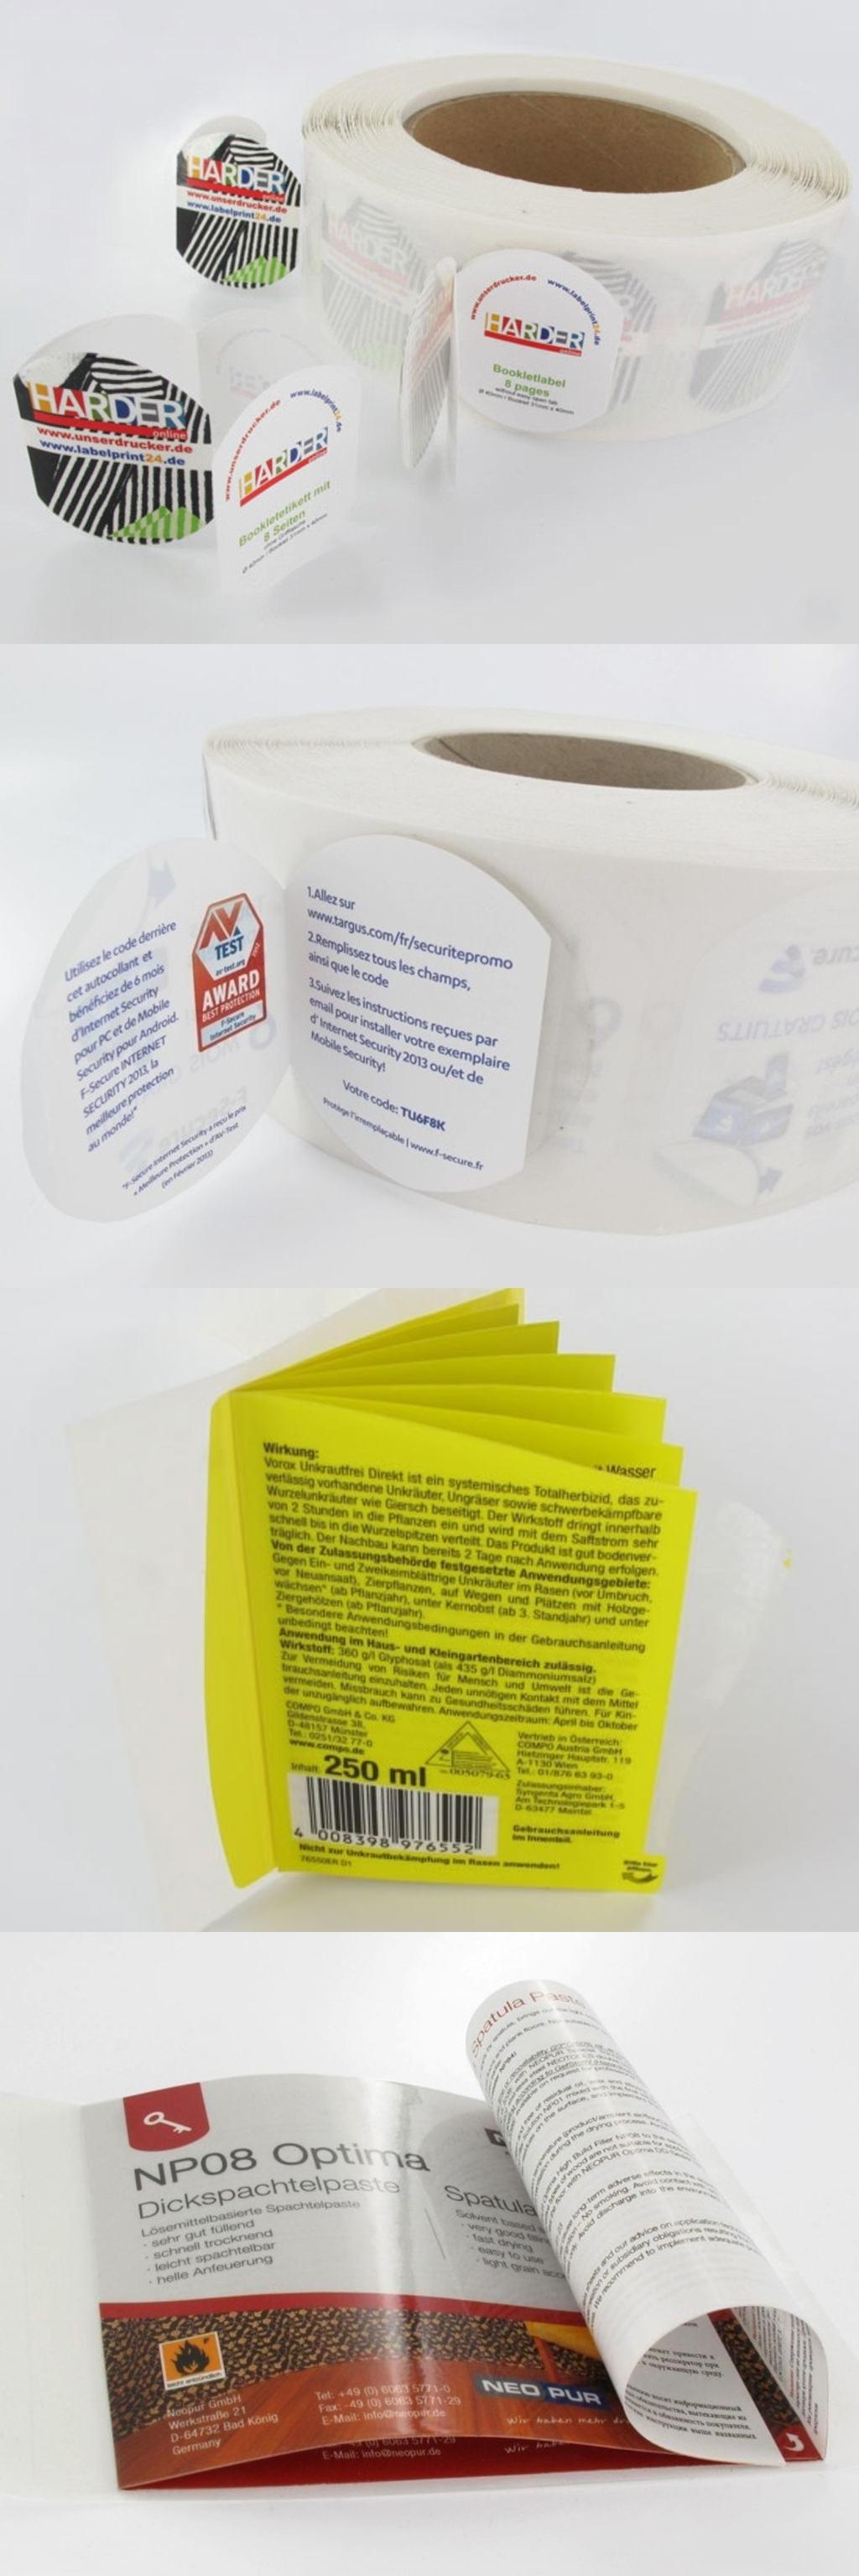 оборудование для этикетки Применение специальных видов печатных красок, таких как термохромные и проводящие краски